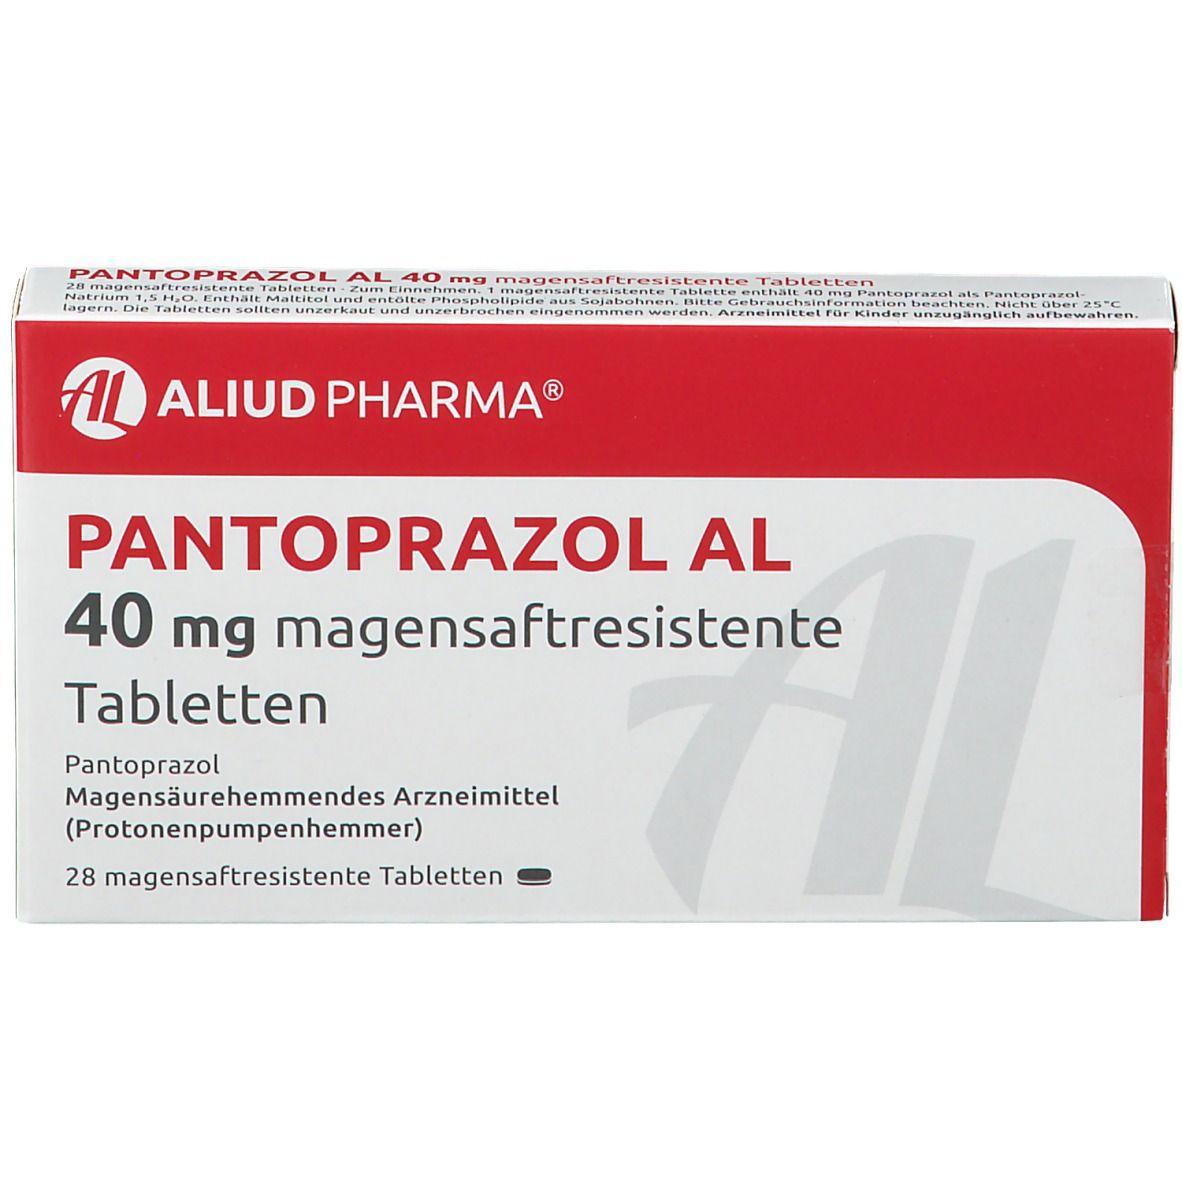 PANTOPRAZOL AL 40 mg